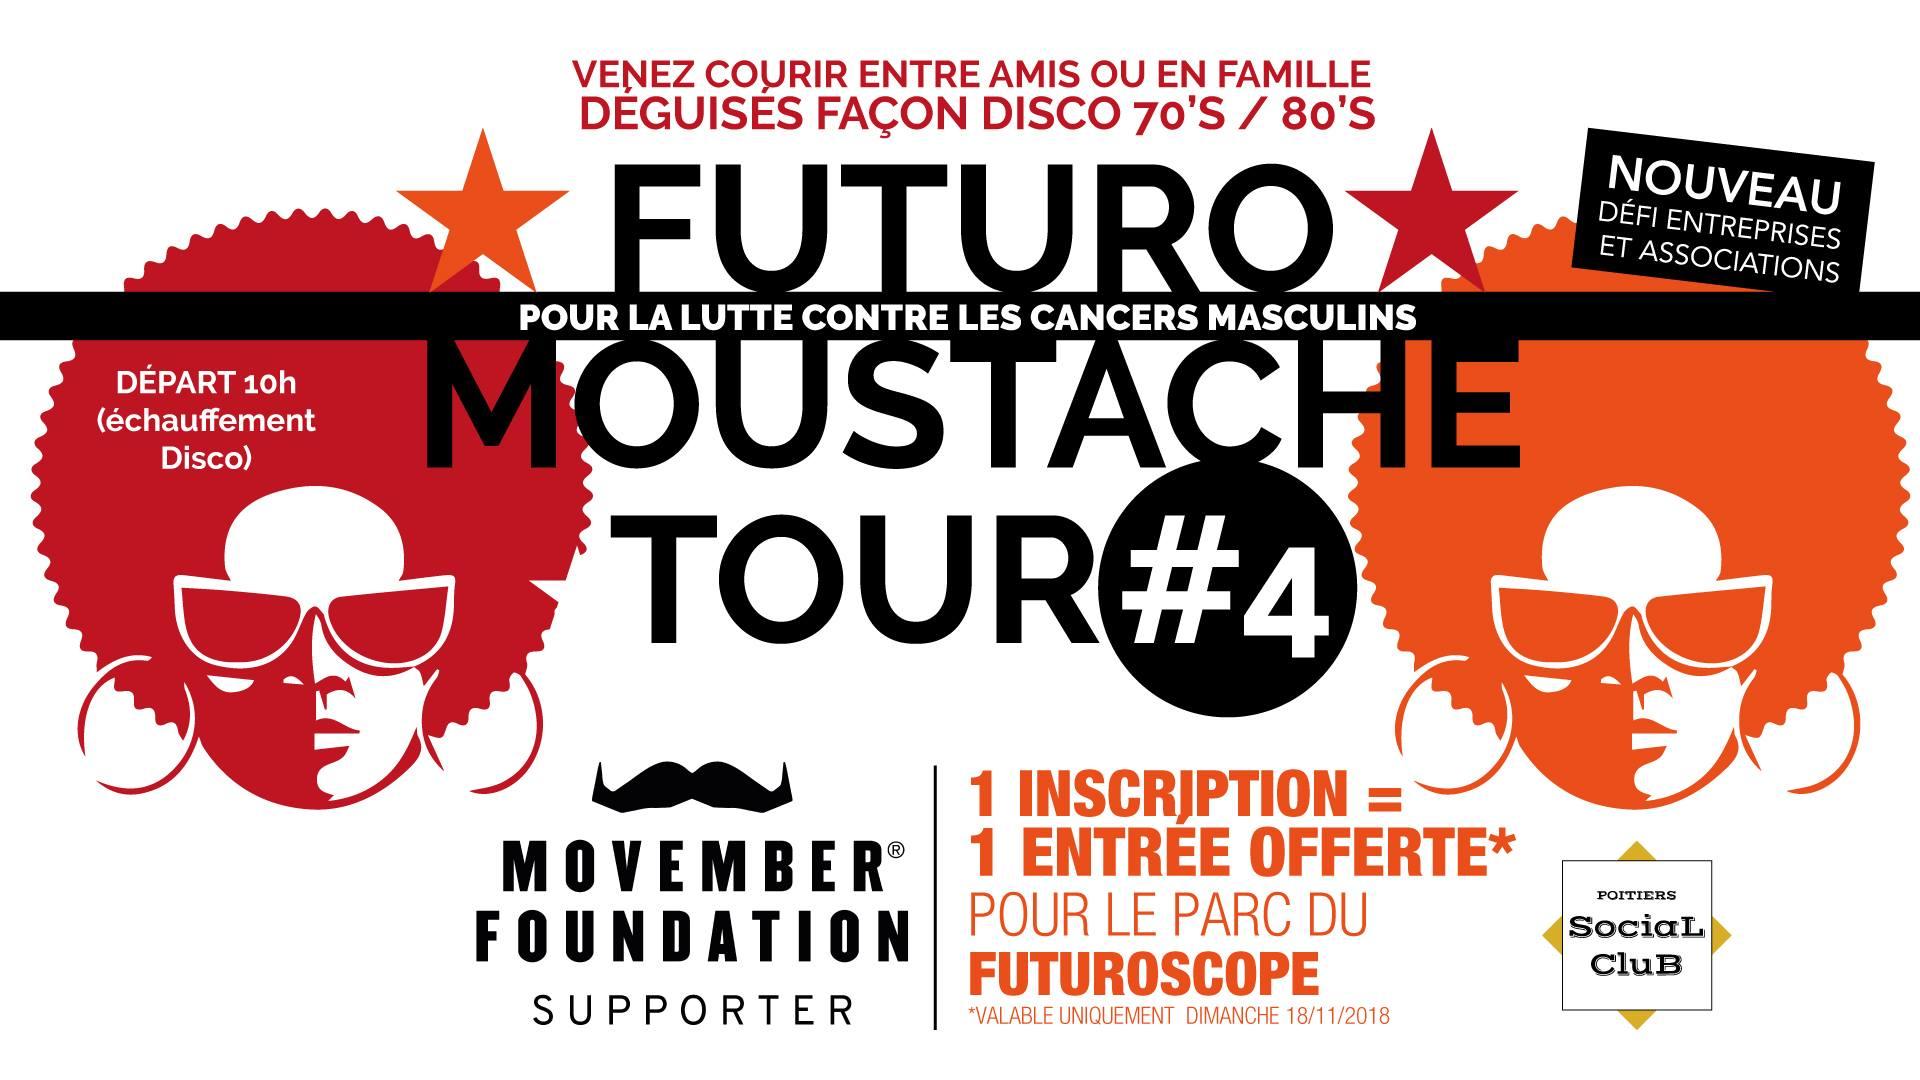 dimanche 18 novembre 2018 – Futuro Moustache Tour N°4 #Movember FMT4